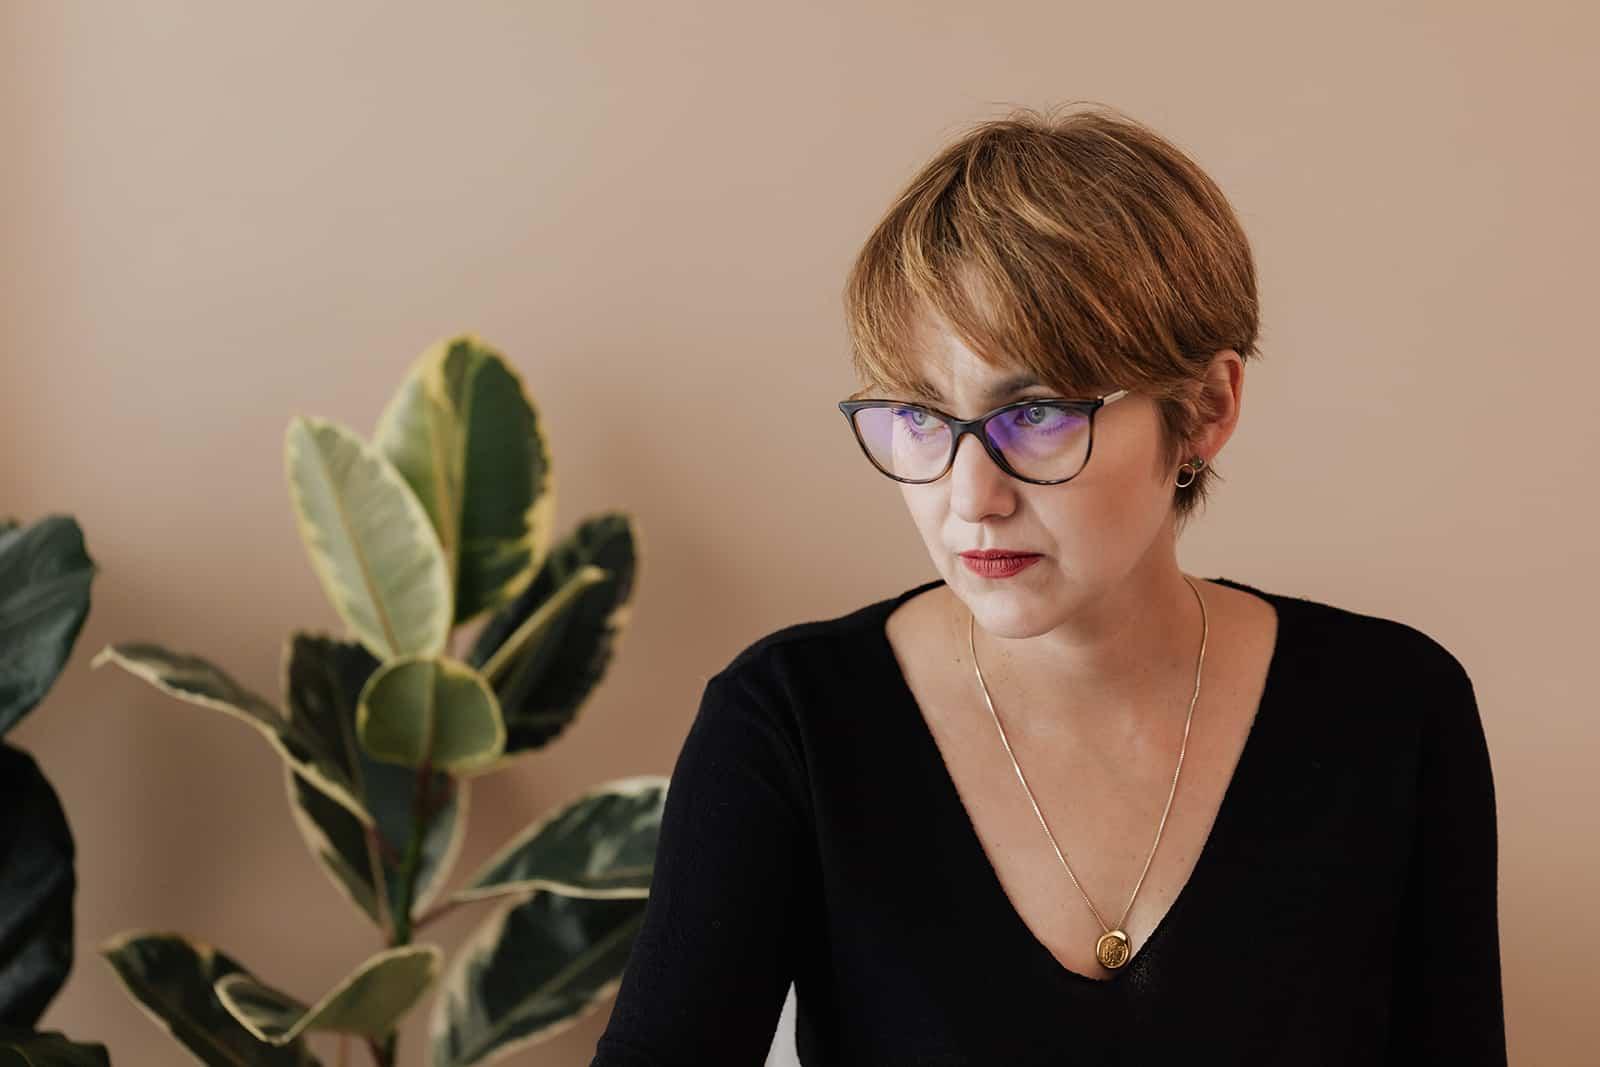 une femme pensive avec des lunettes à côté